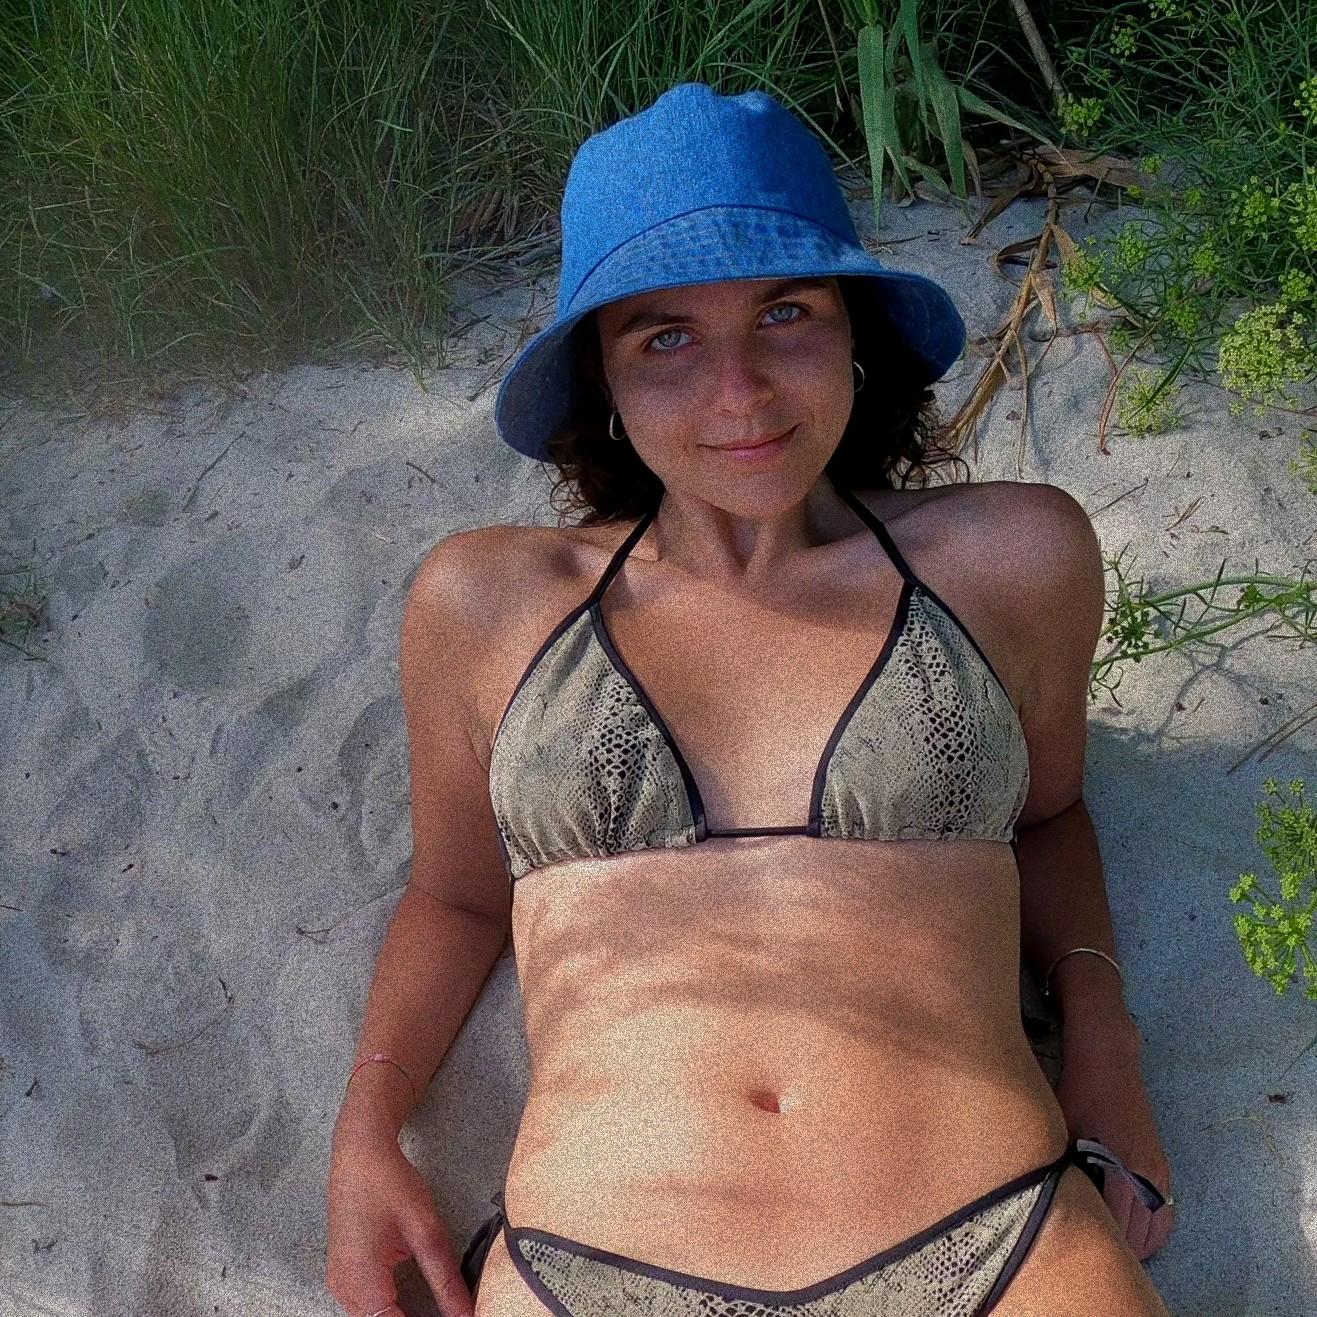 Bikini snake